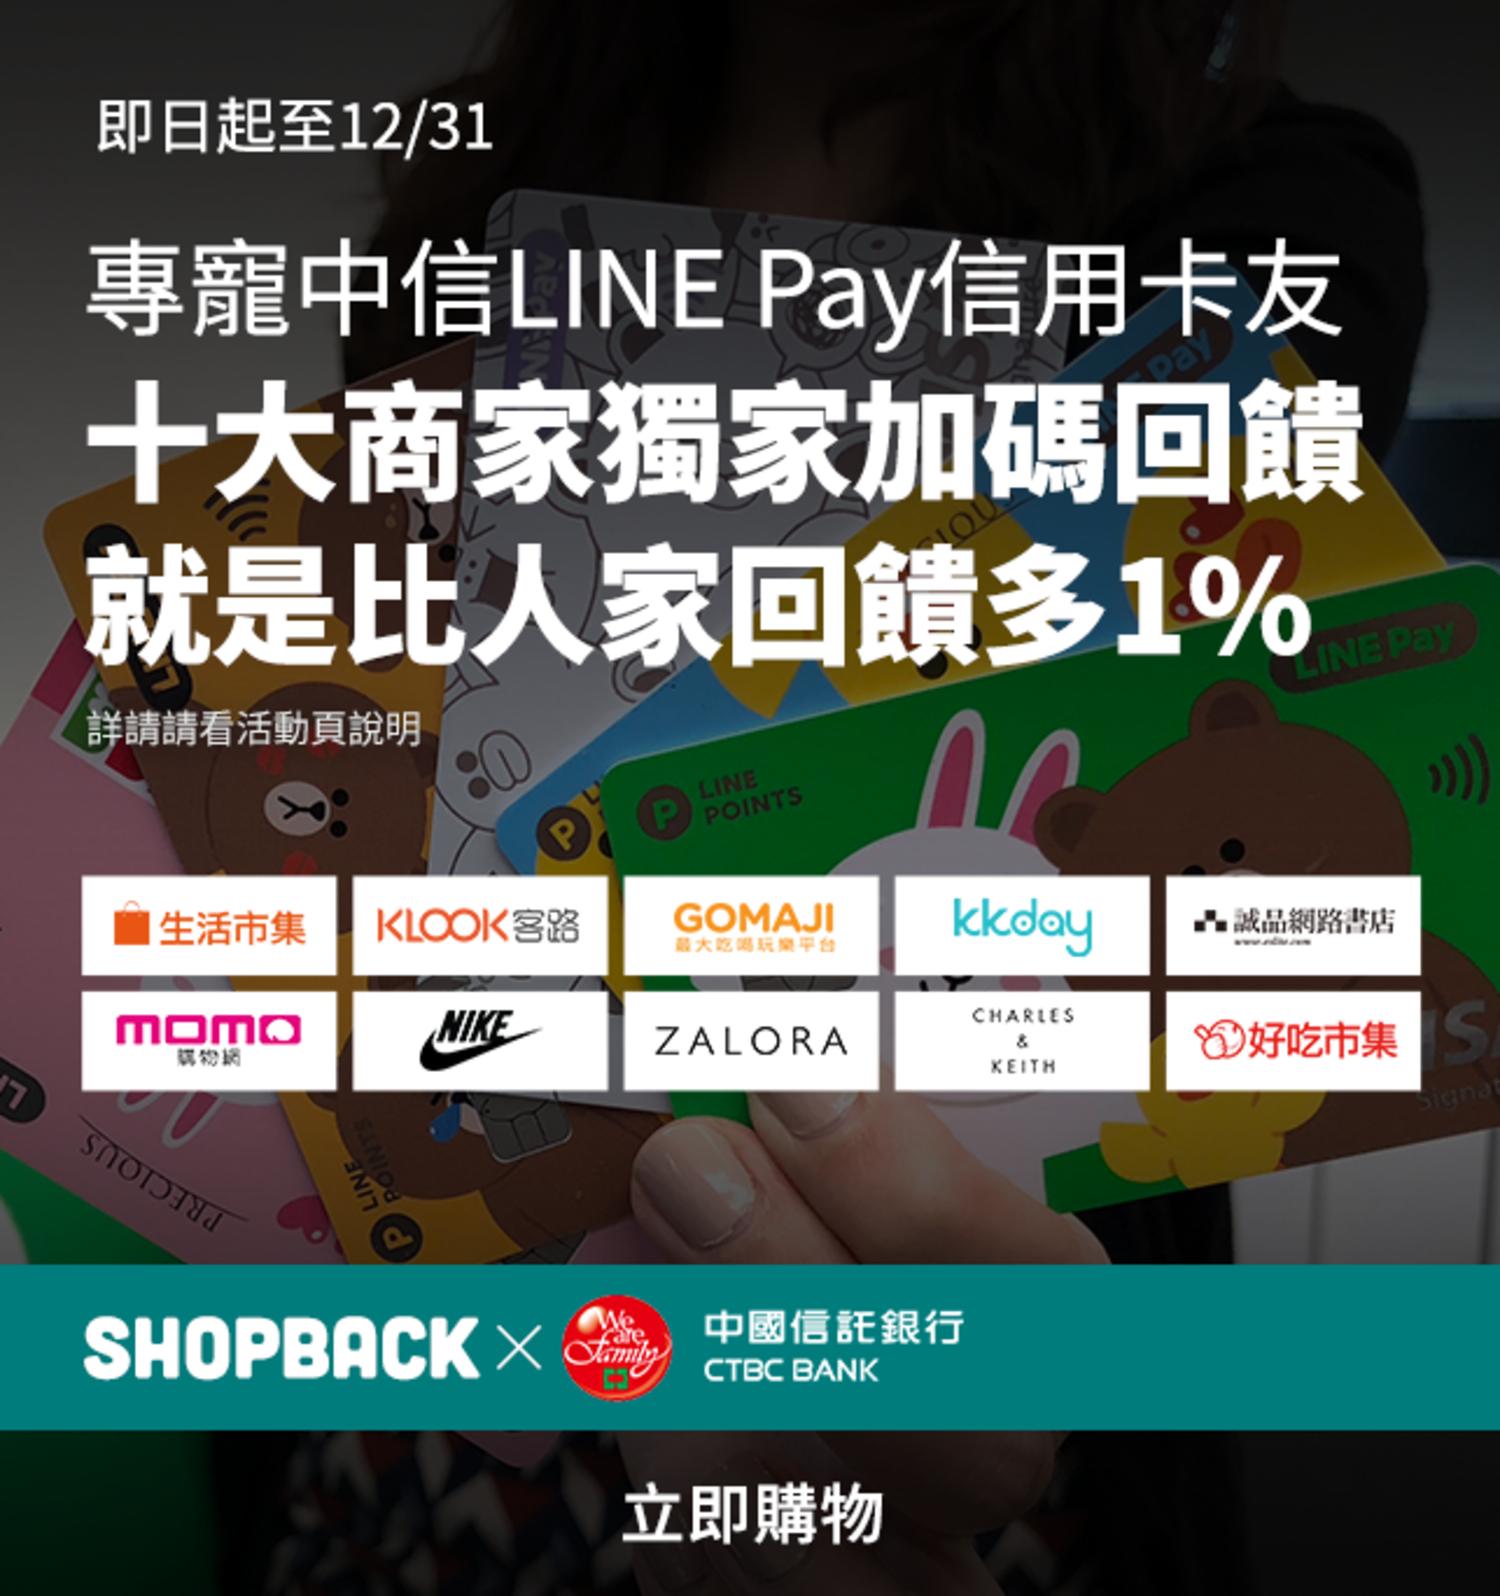 中信LINE Pay卡優惠